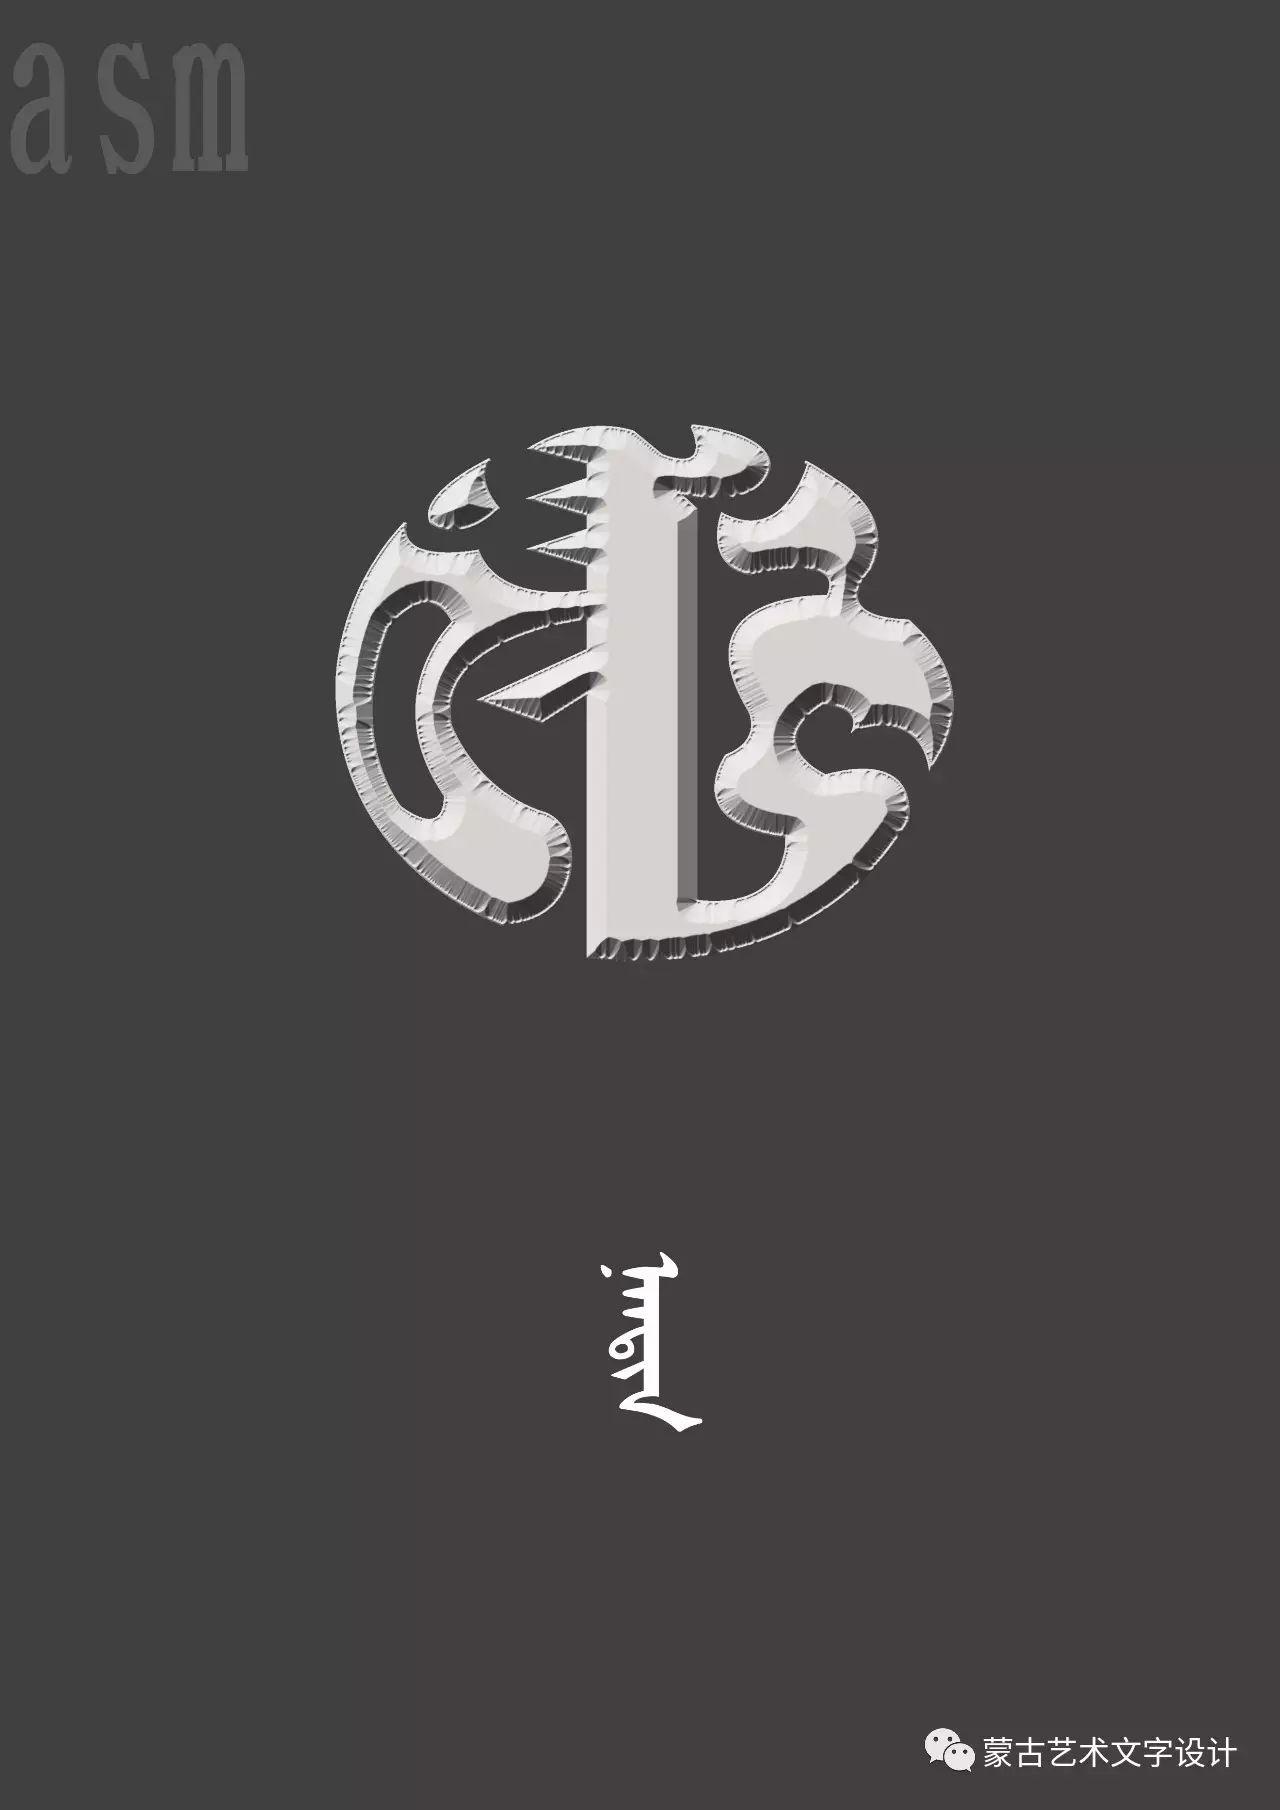 蒙古艺术文字设计 第54张